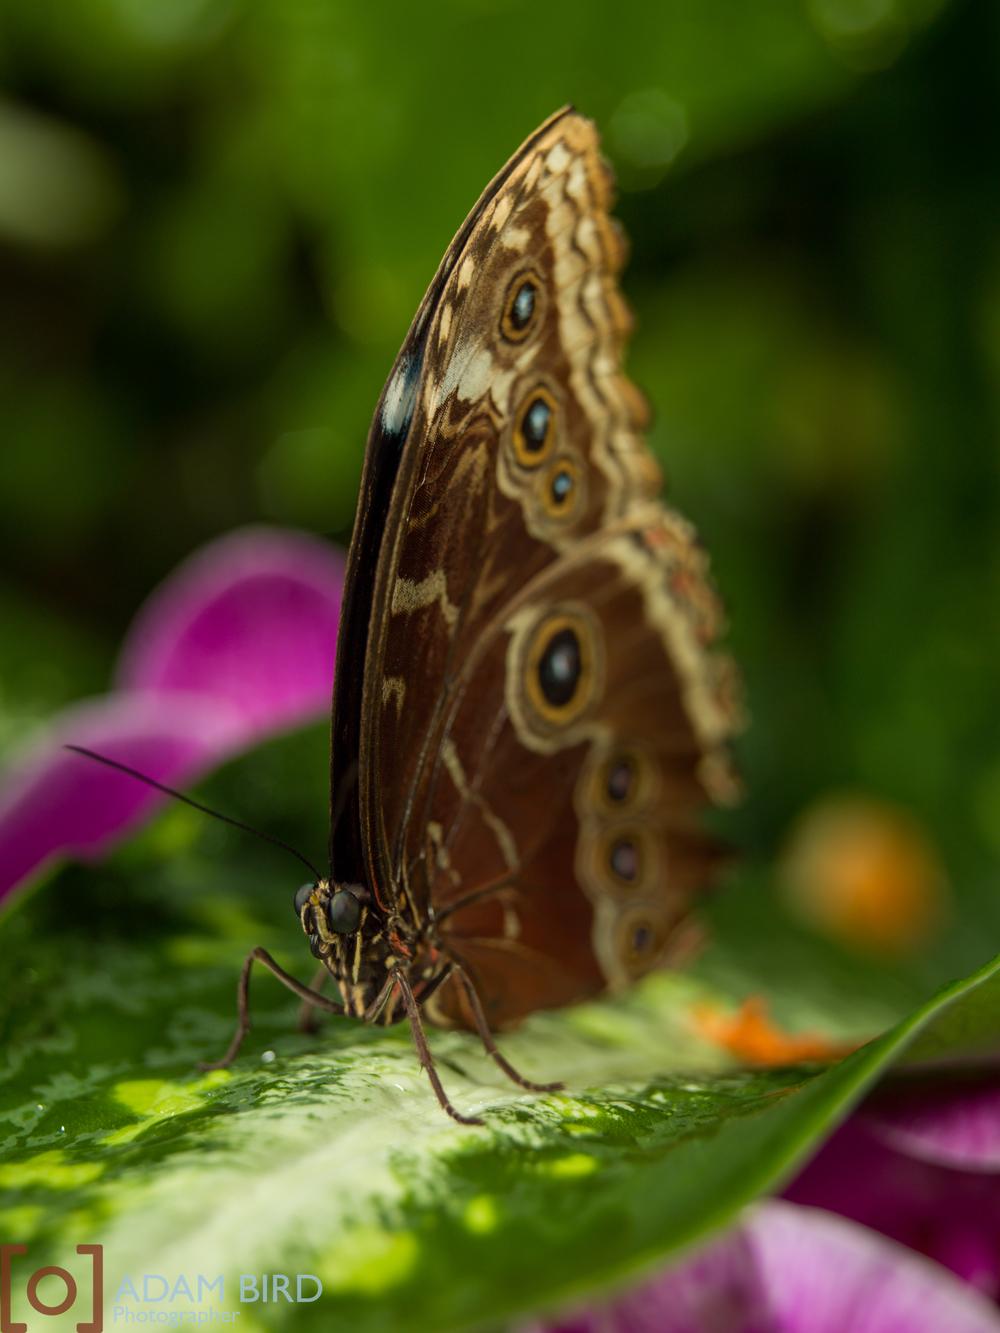 frederik_meijer_butterflies015.JPG